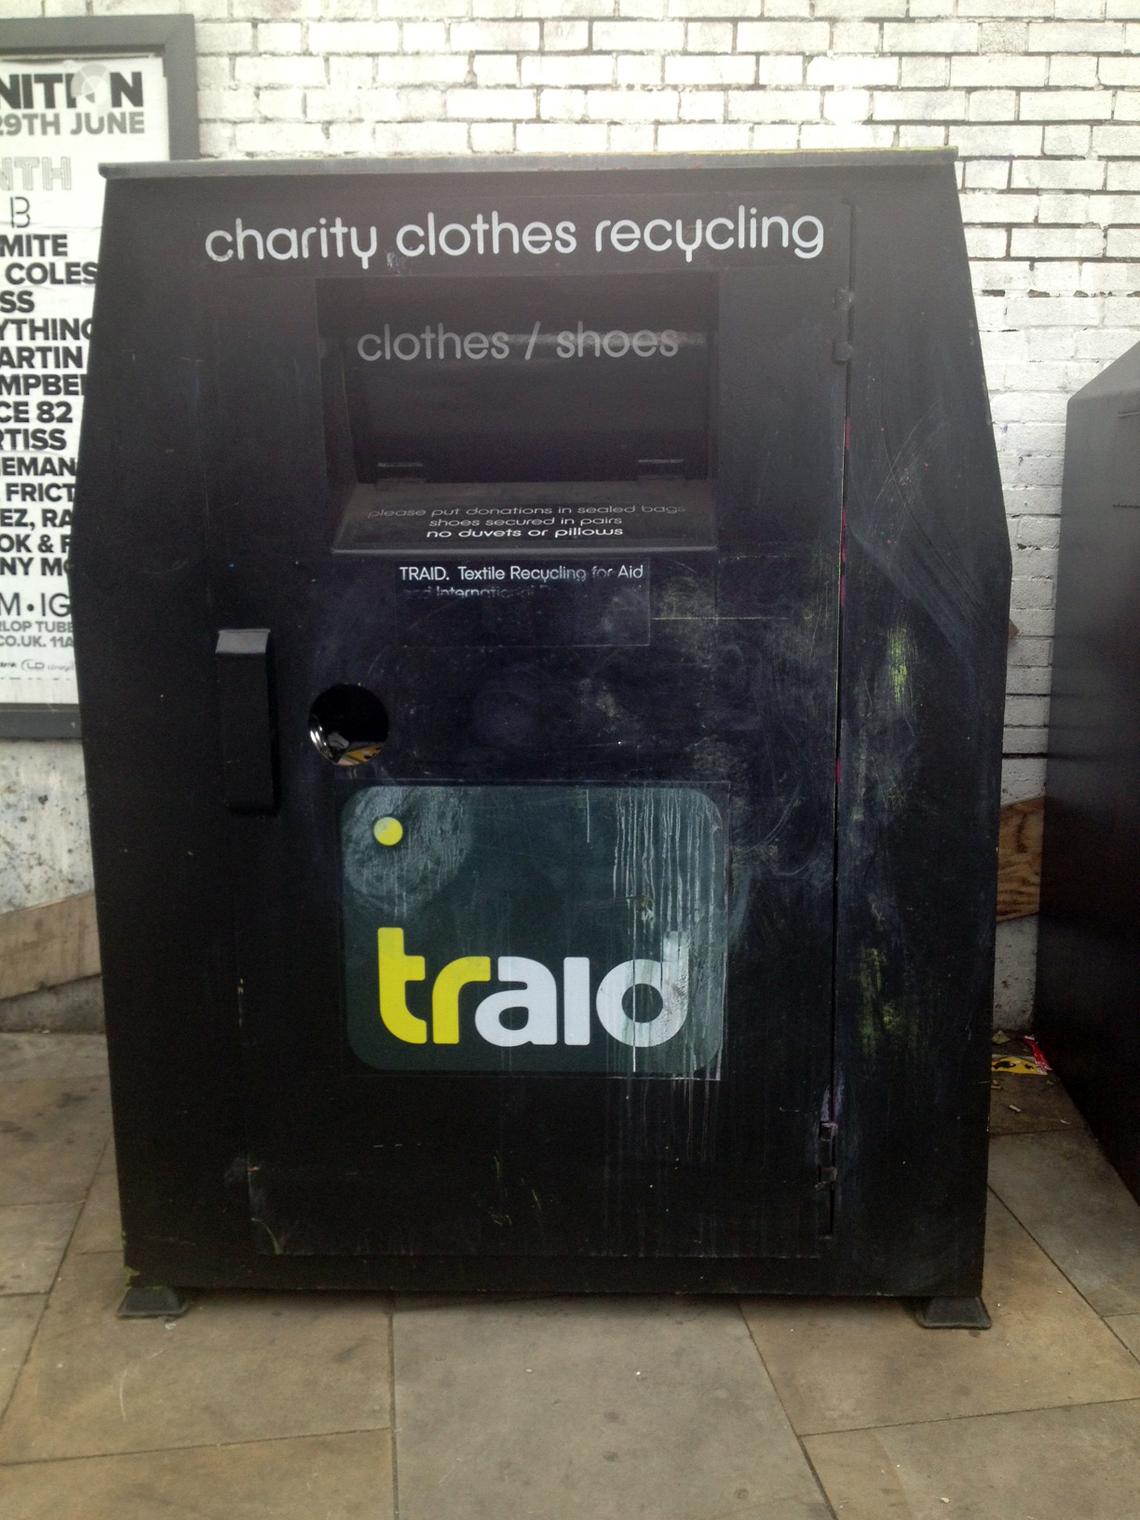 ロンドンの街には、古着回収ボックスがあります